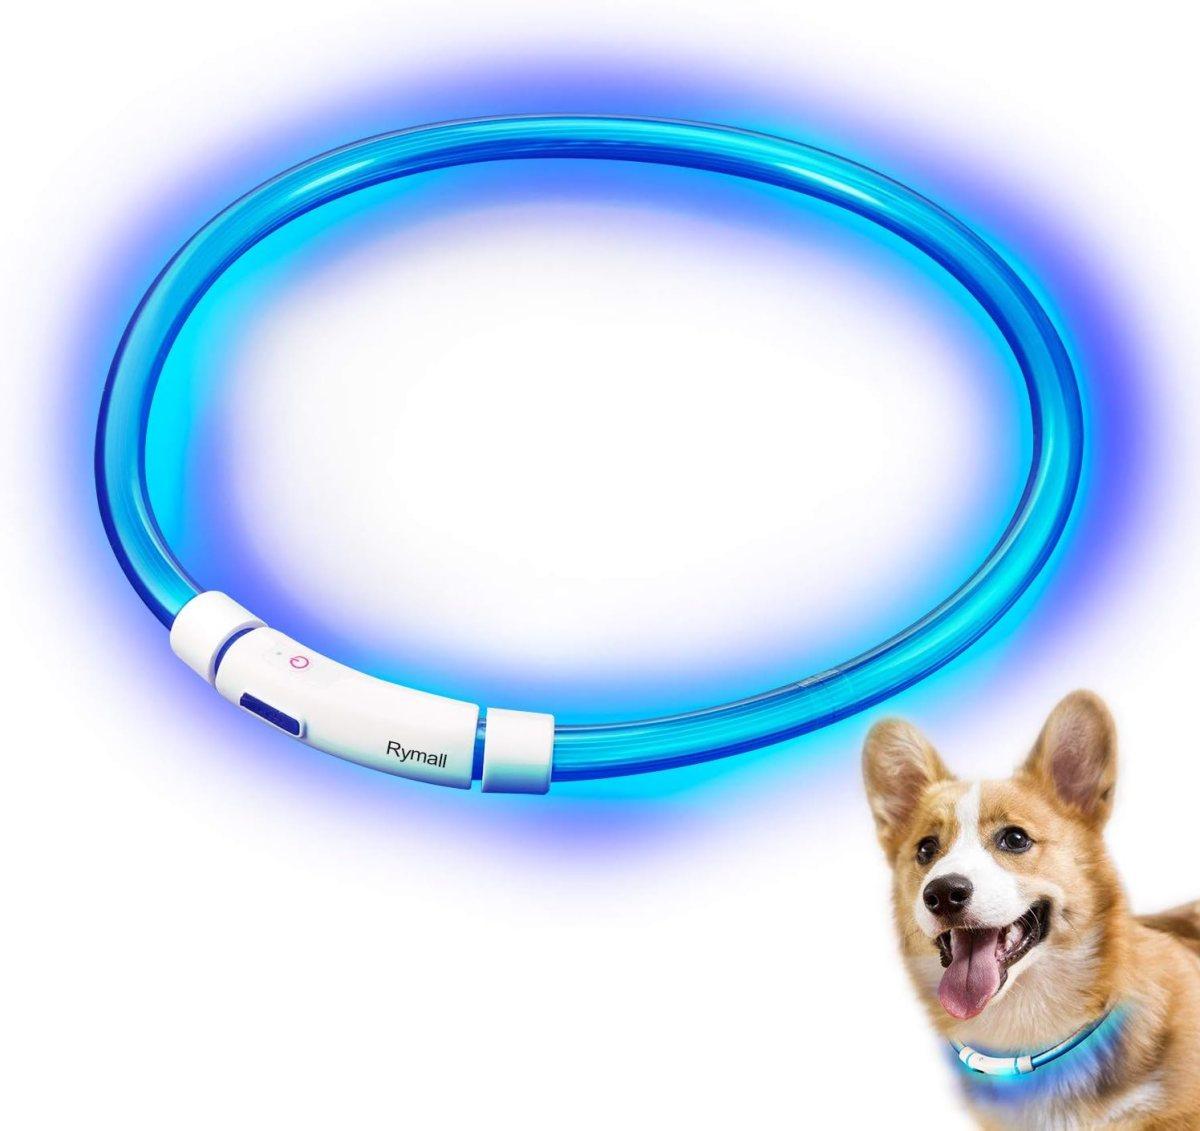 Collar para Perros, Collar de Seguridad para Perros, Rymall collar adiestramiento USB ajustable